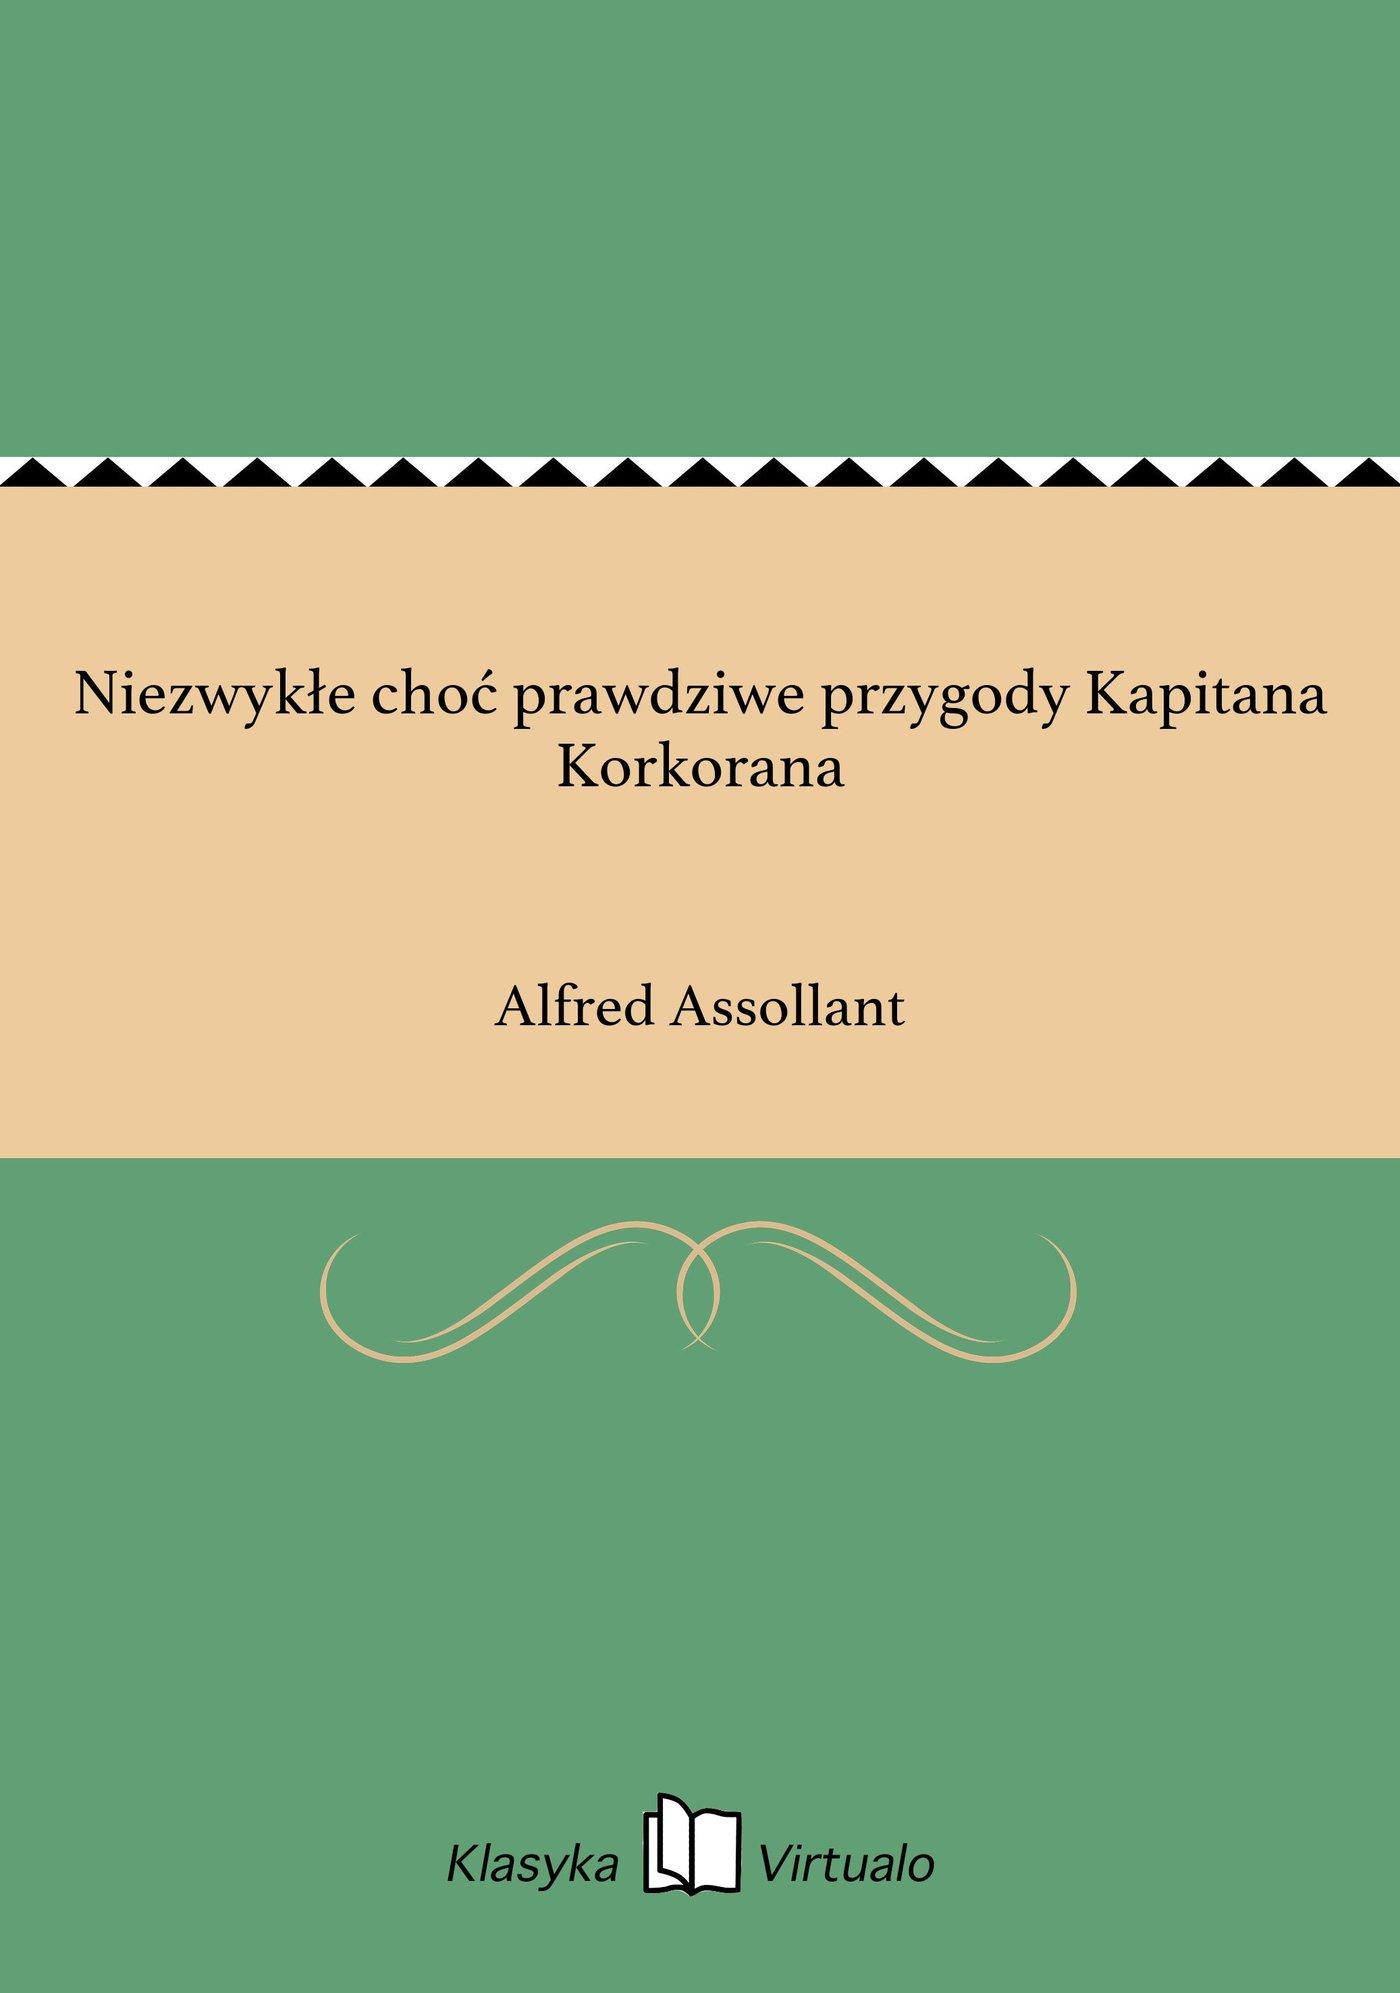 Niezwykłe choć prawdziwe przygody Kapitana Korkorana - Ebook (Książka EPUB) do pobrania w formacie EPUB